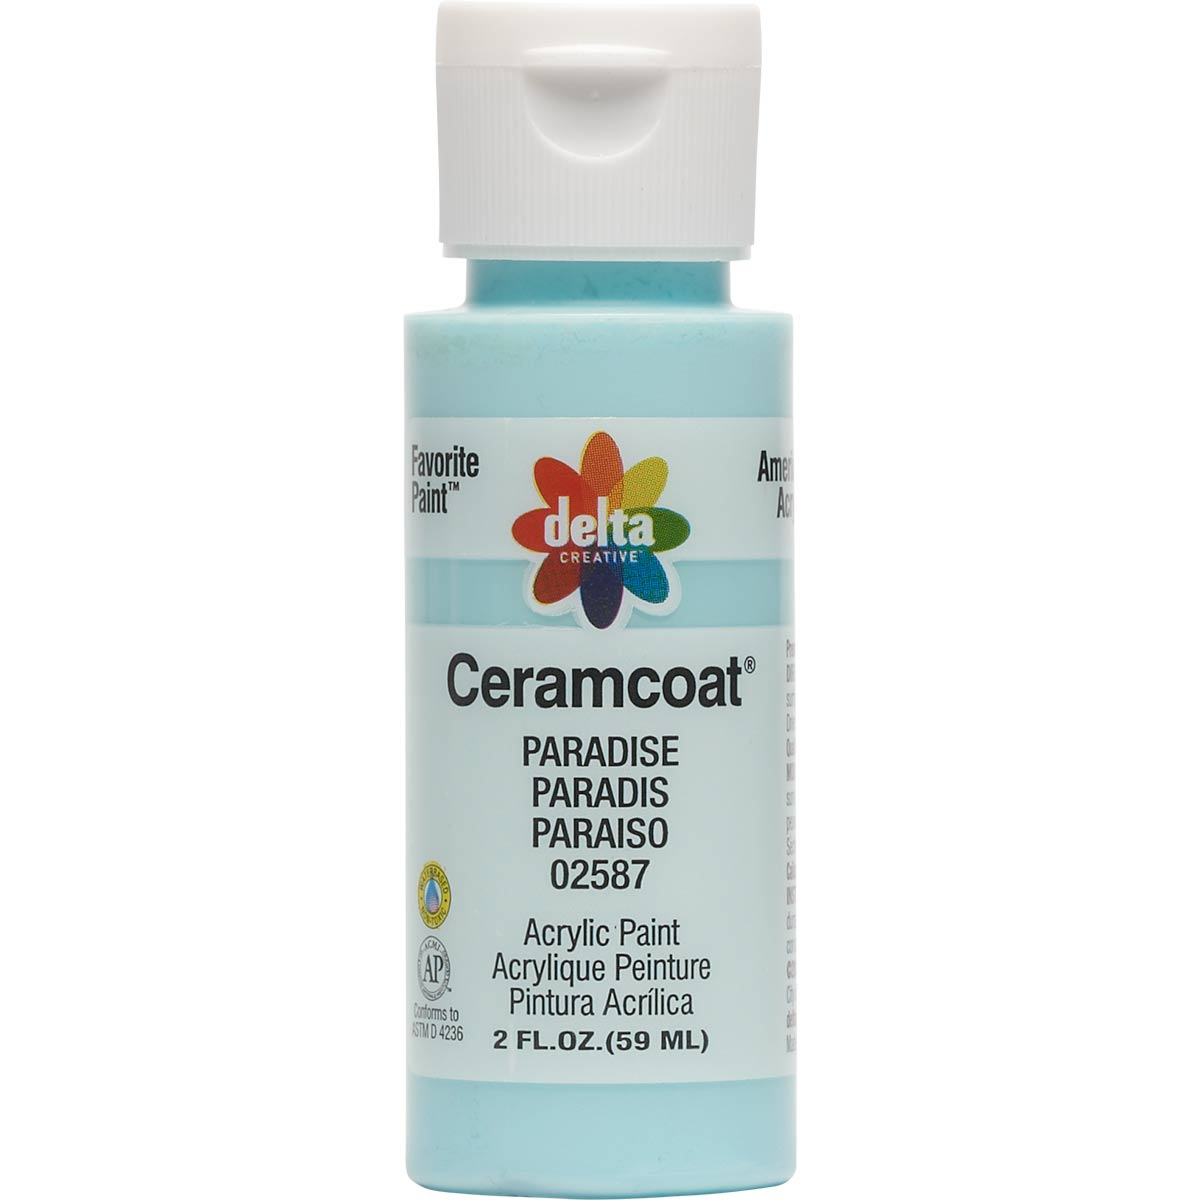 Delta Ceramcoat ® Acrylic Paint - Paradise, 2 oz.